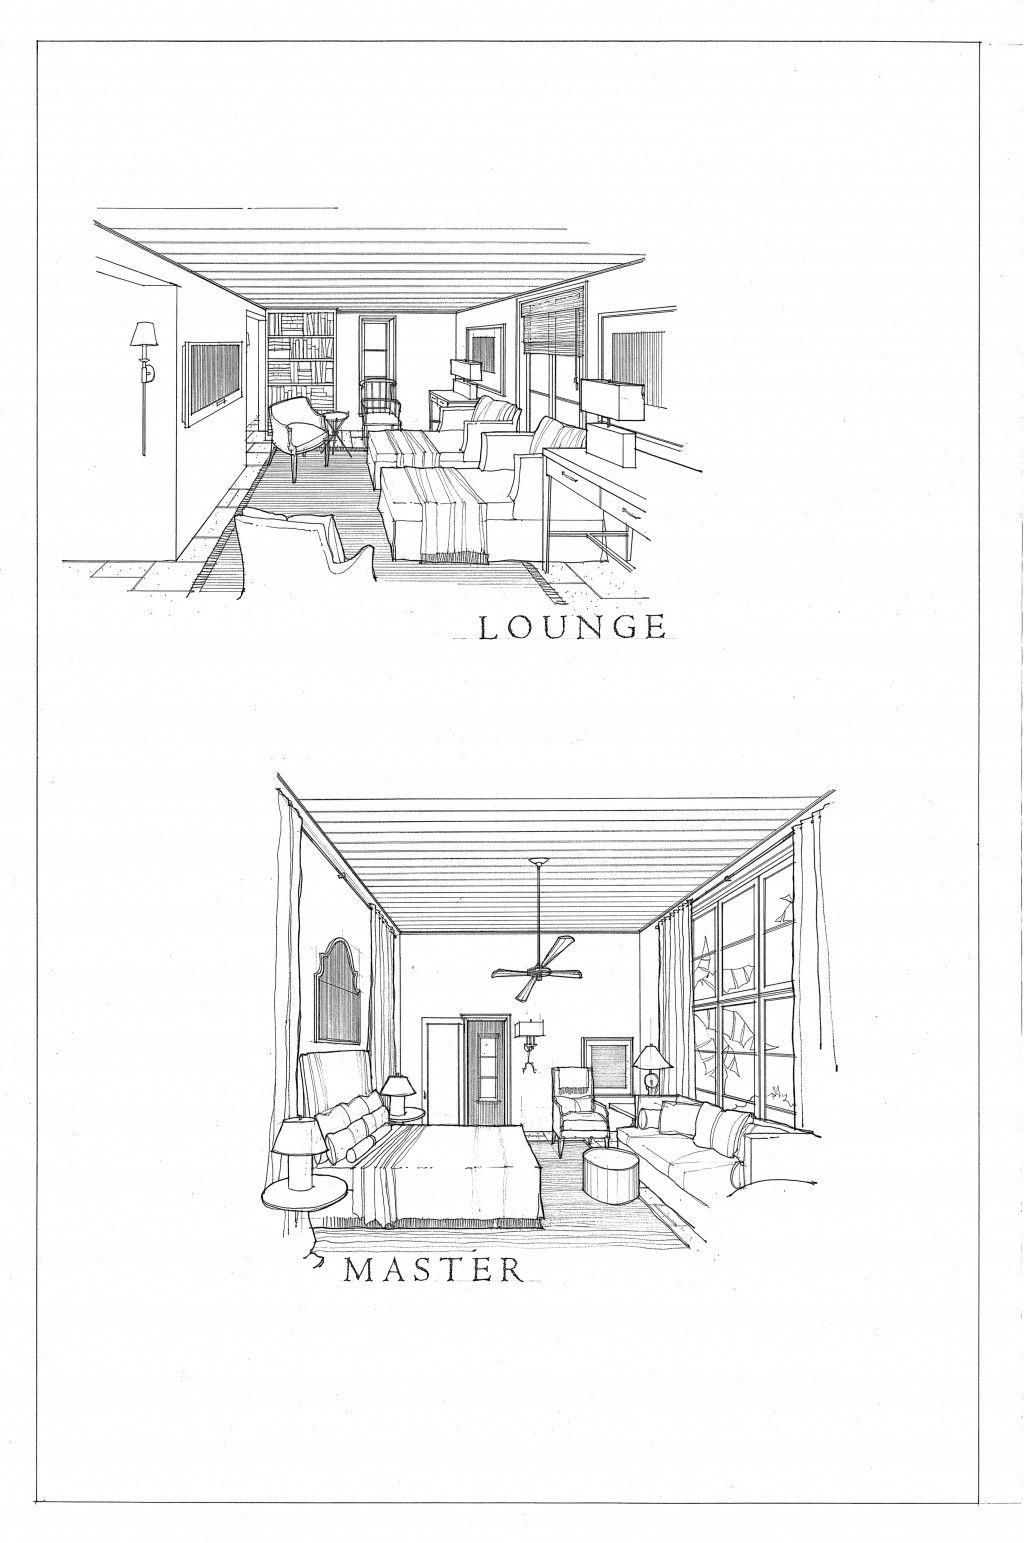 Best Free 3d Room Design Software: Home Decorating Websites Free #HomeDecorationFurniture